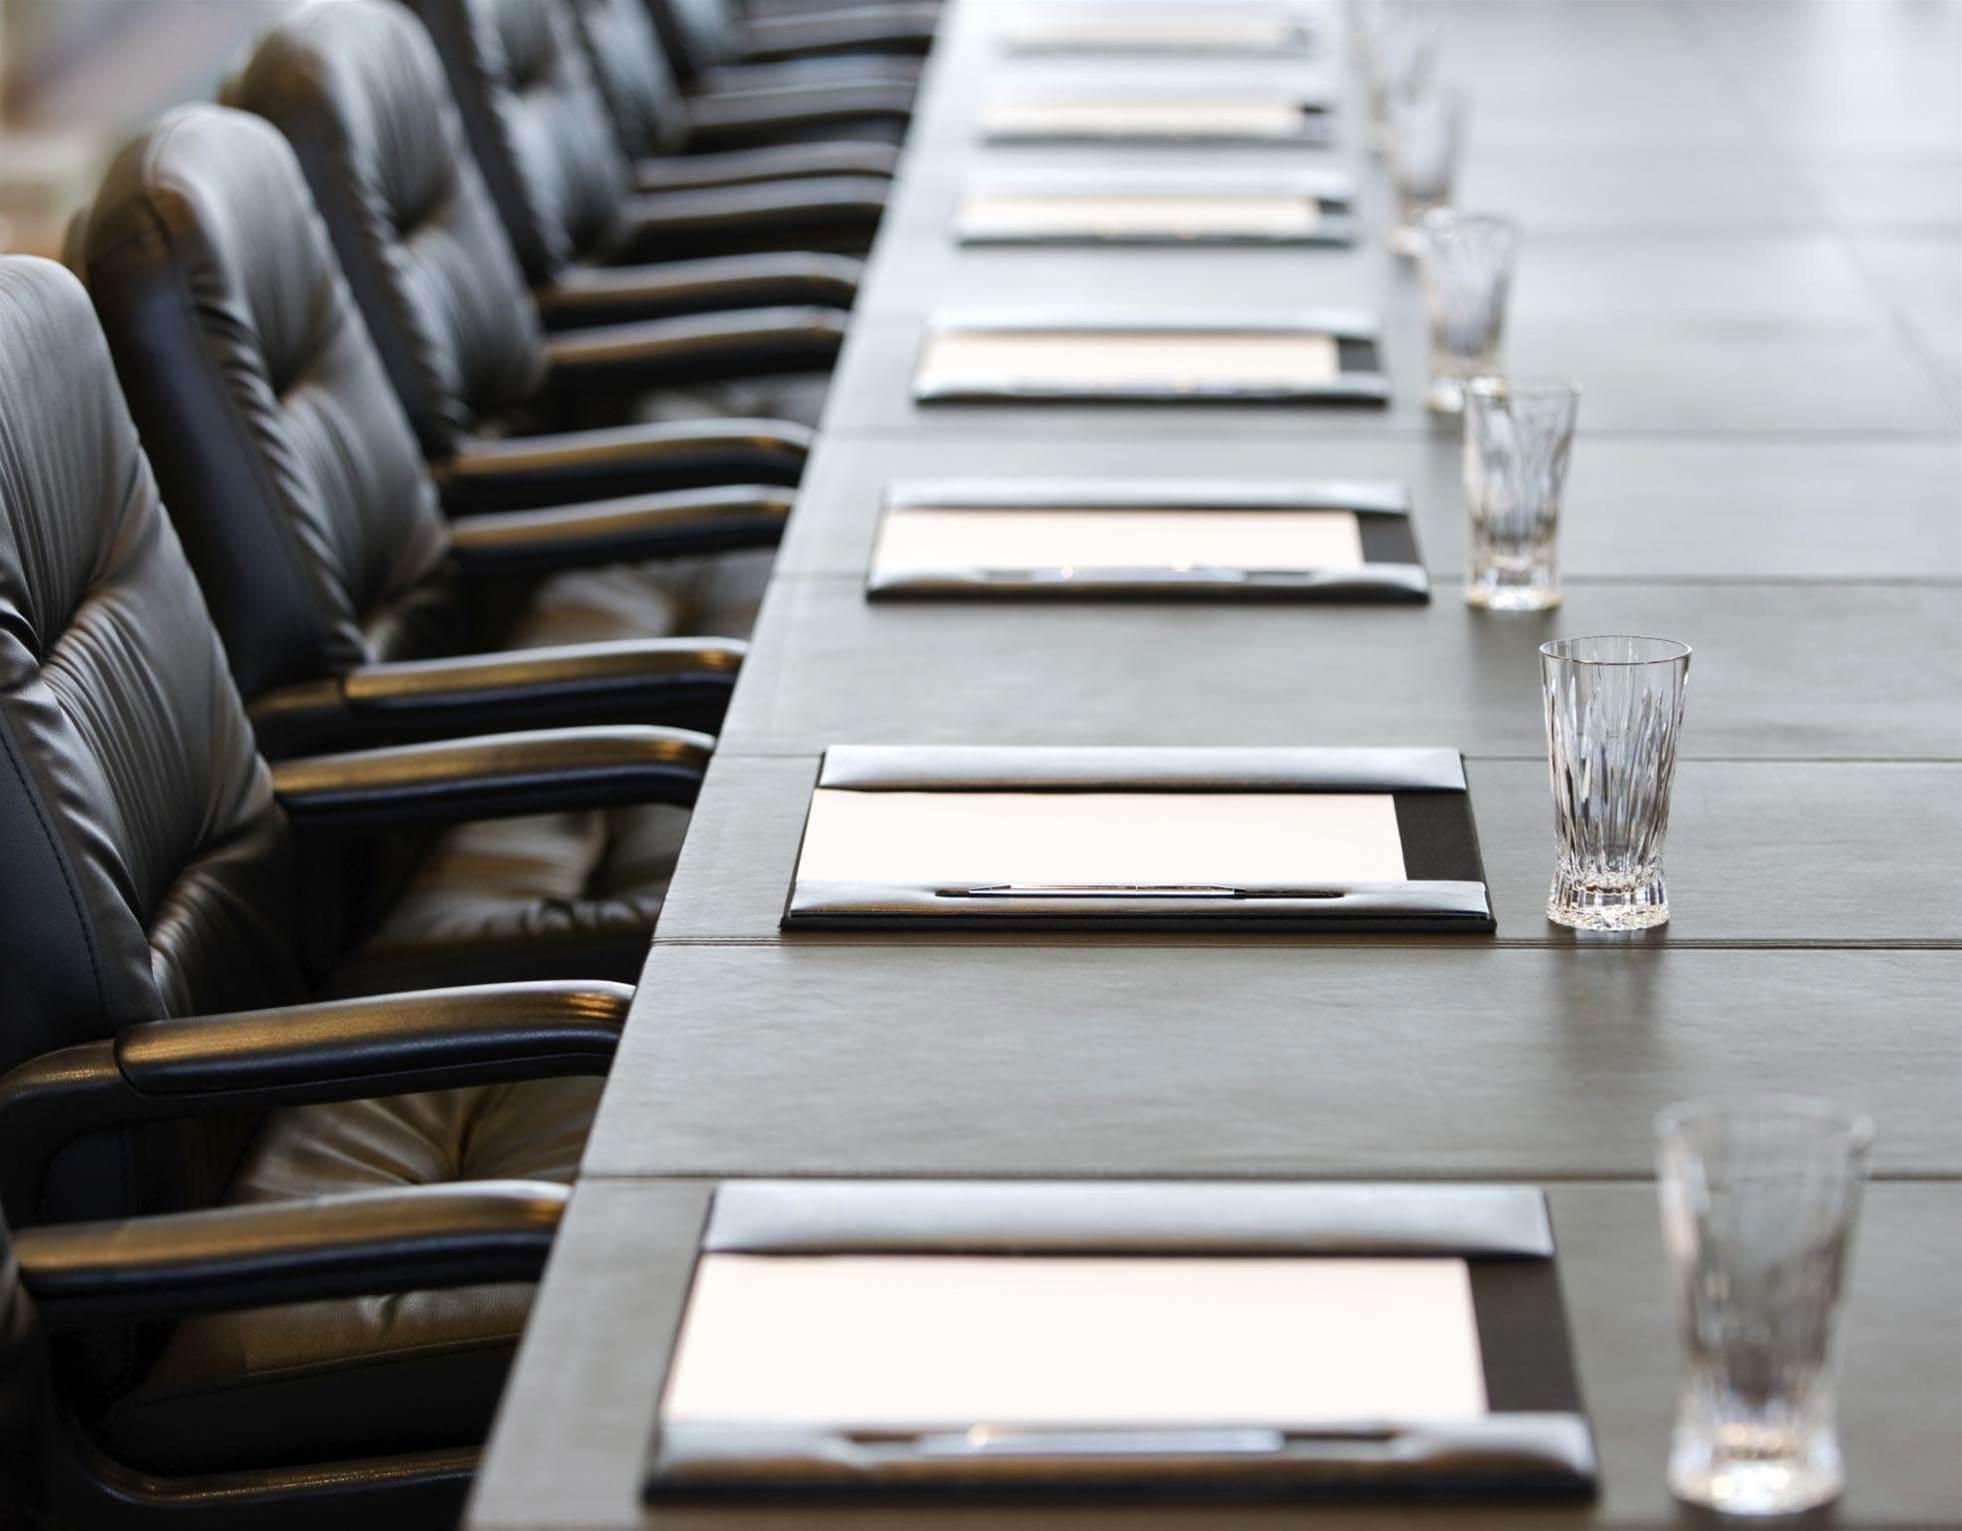 Cloud, big data propel bank CISOs into the boardroom